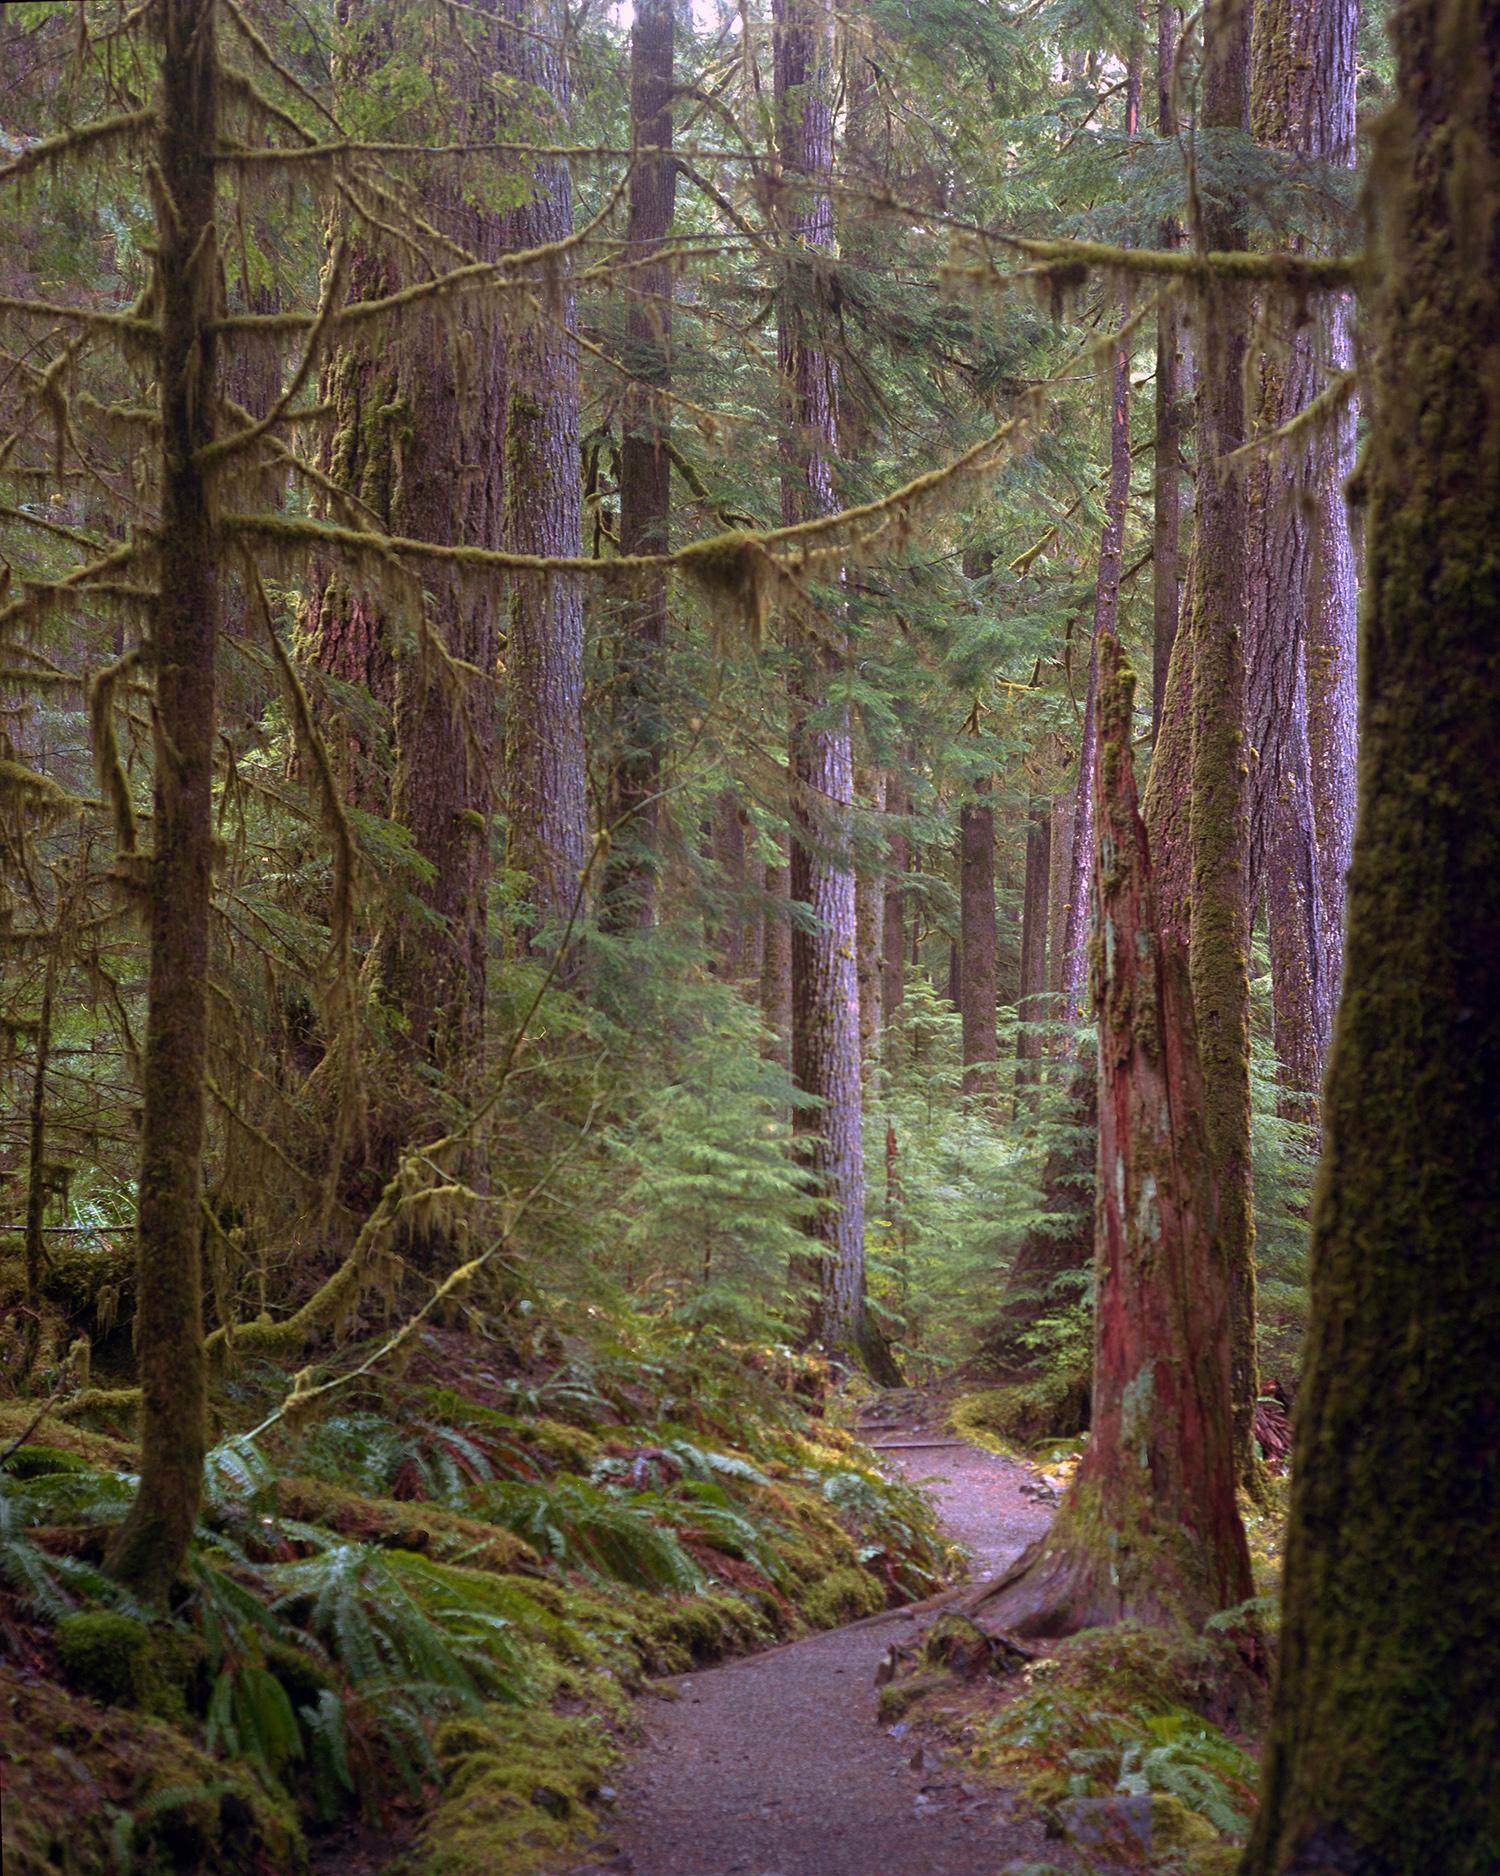 The Path through Hoh